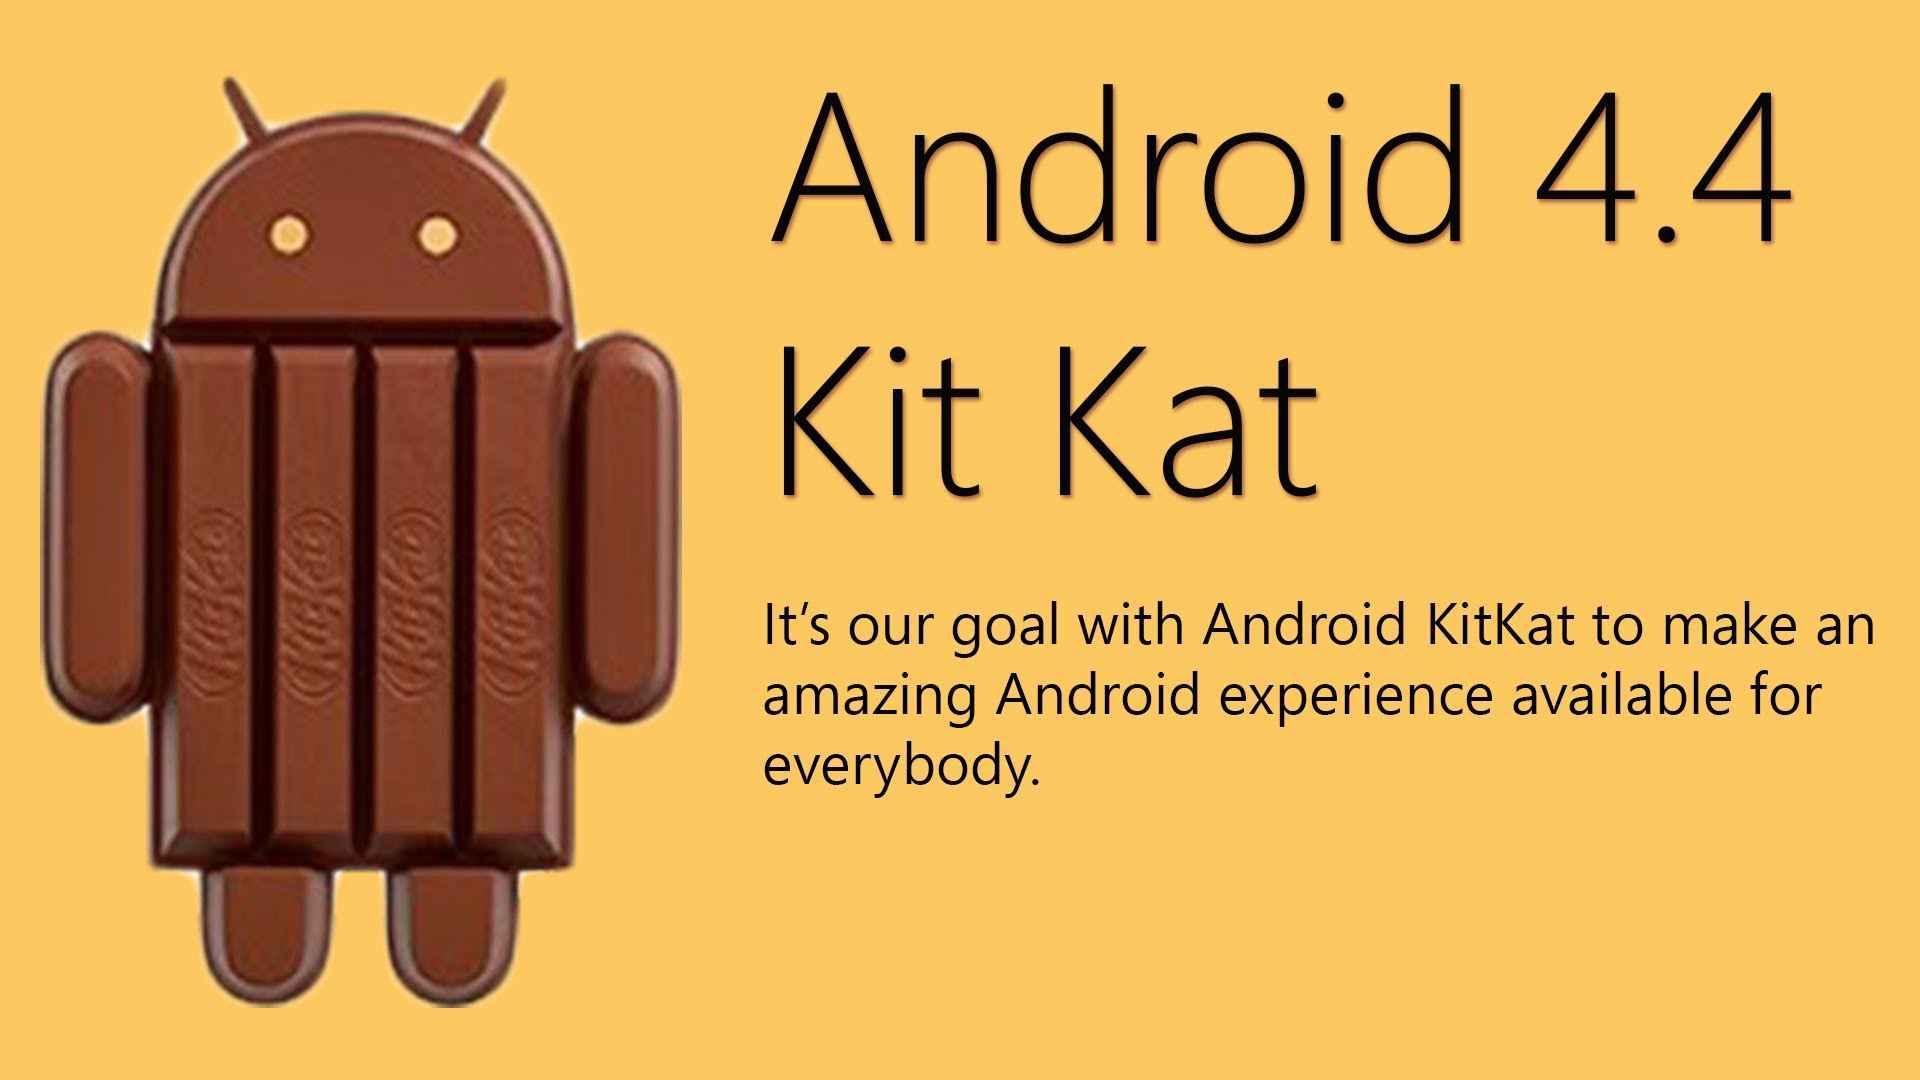 دانلود رایگان اندروید 4.4 کیت کت Android 4.4 Kitkat